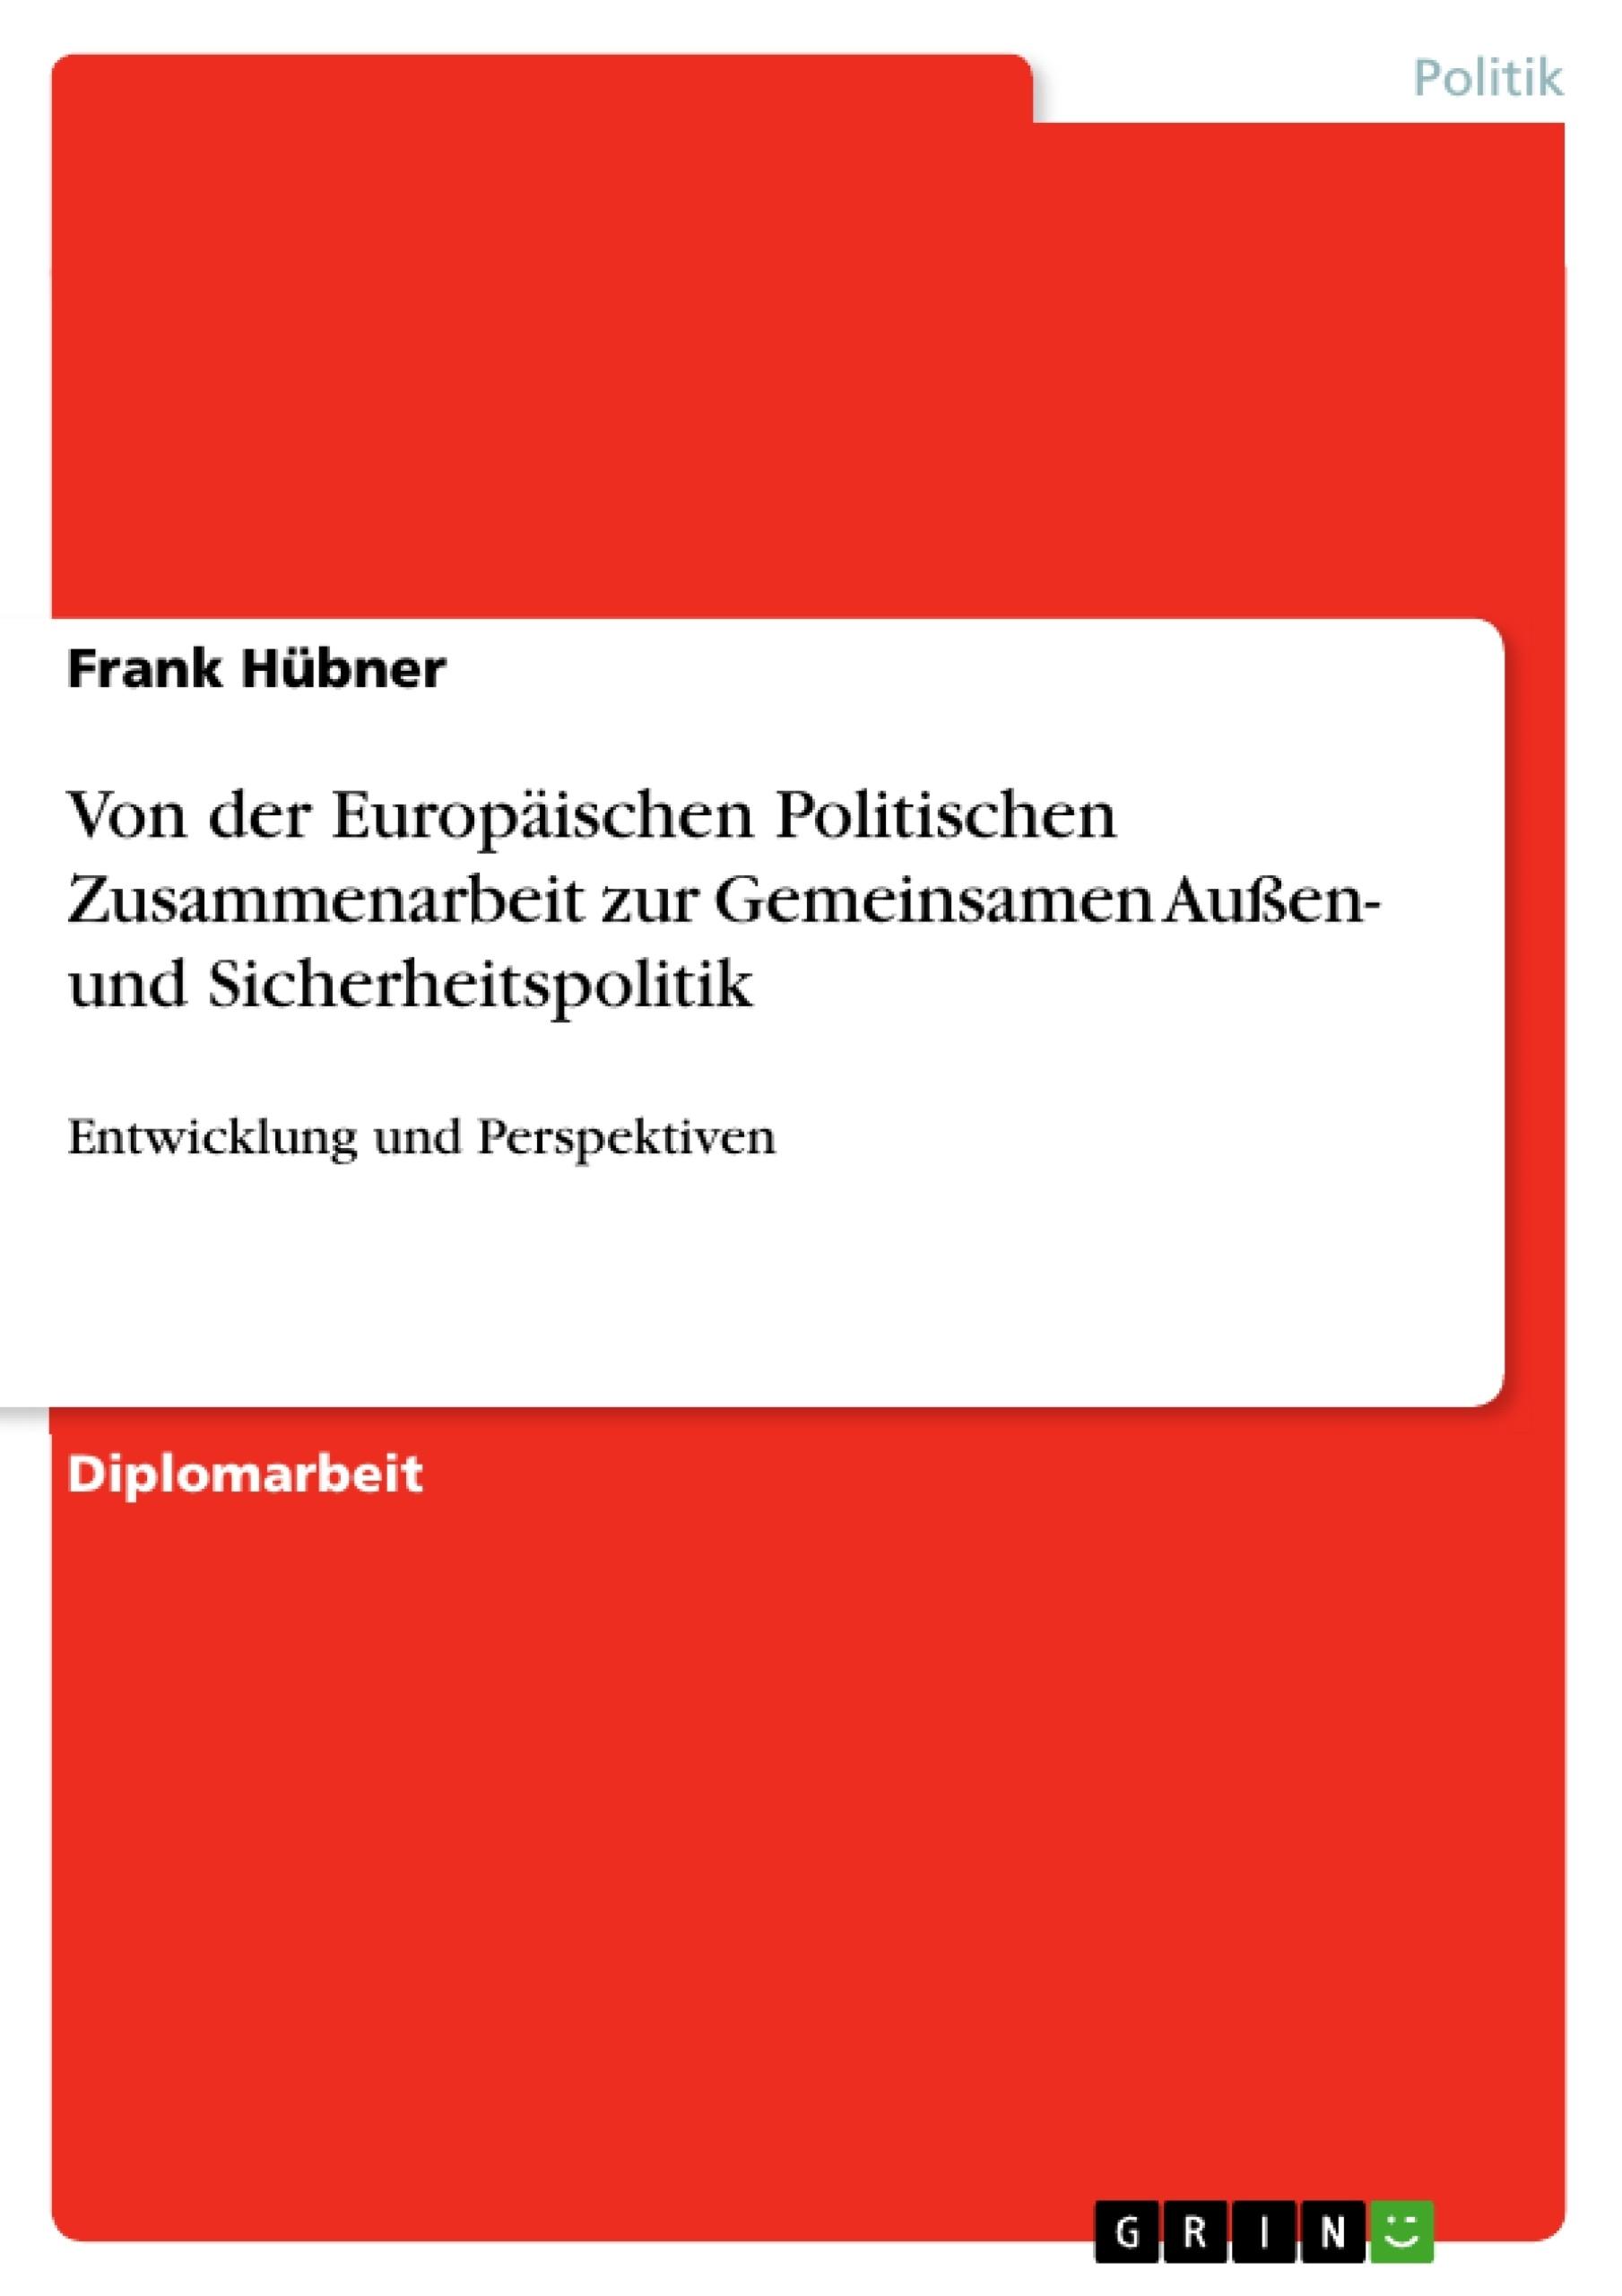 Titel: Von der Europäischen Politischen Zusammenarbeit zur Gemeinsamen Außen- und Sicherheitspolitik